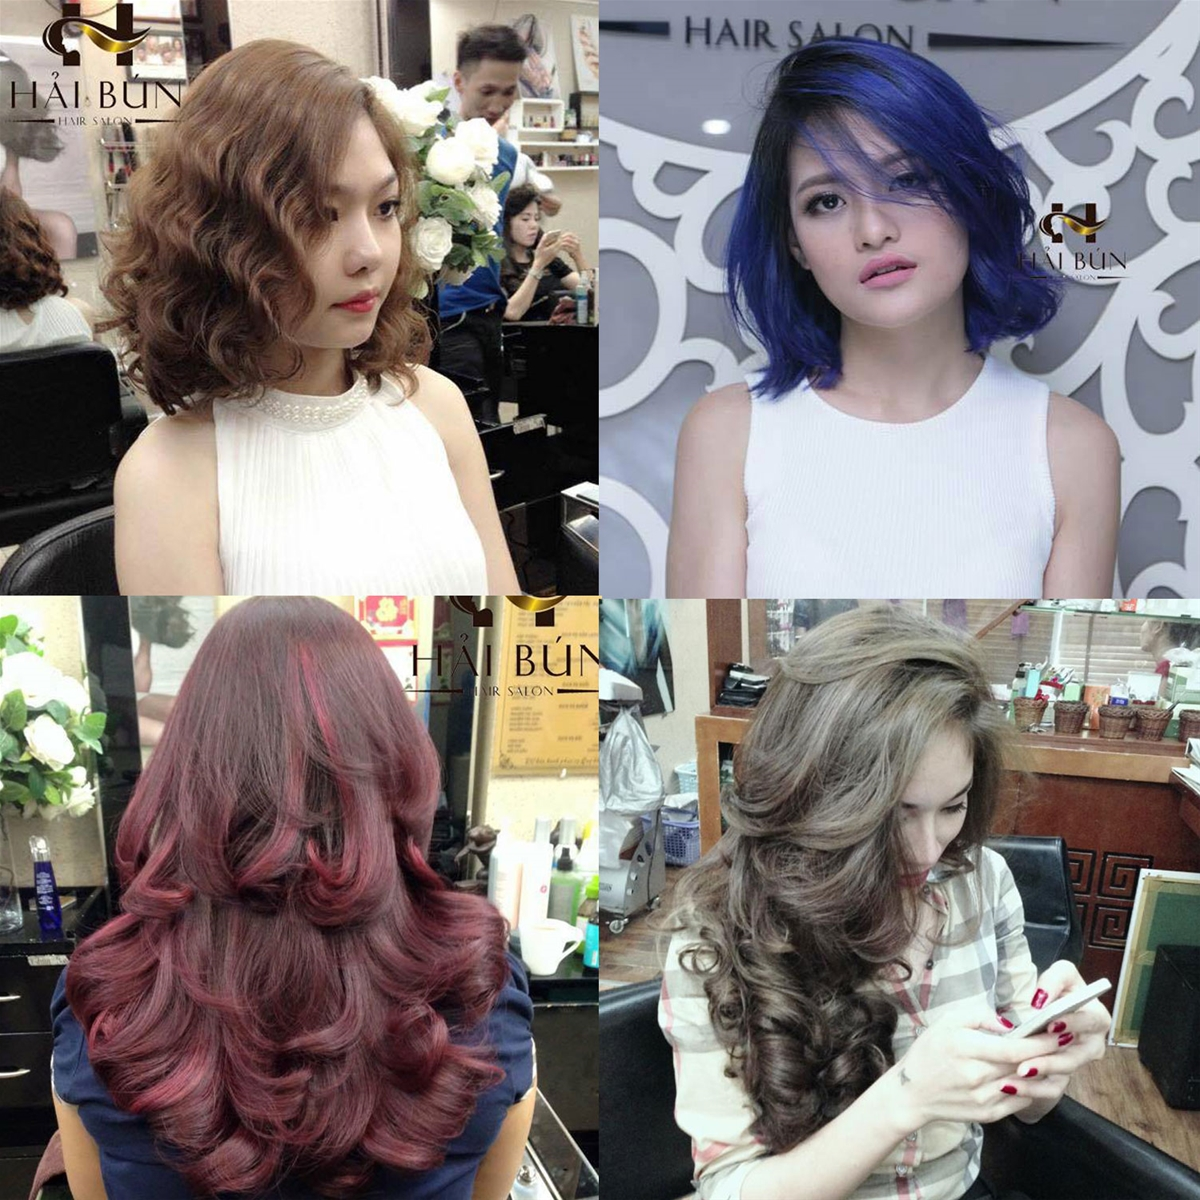 làm tóc tại Hải Bún Hair Salon